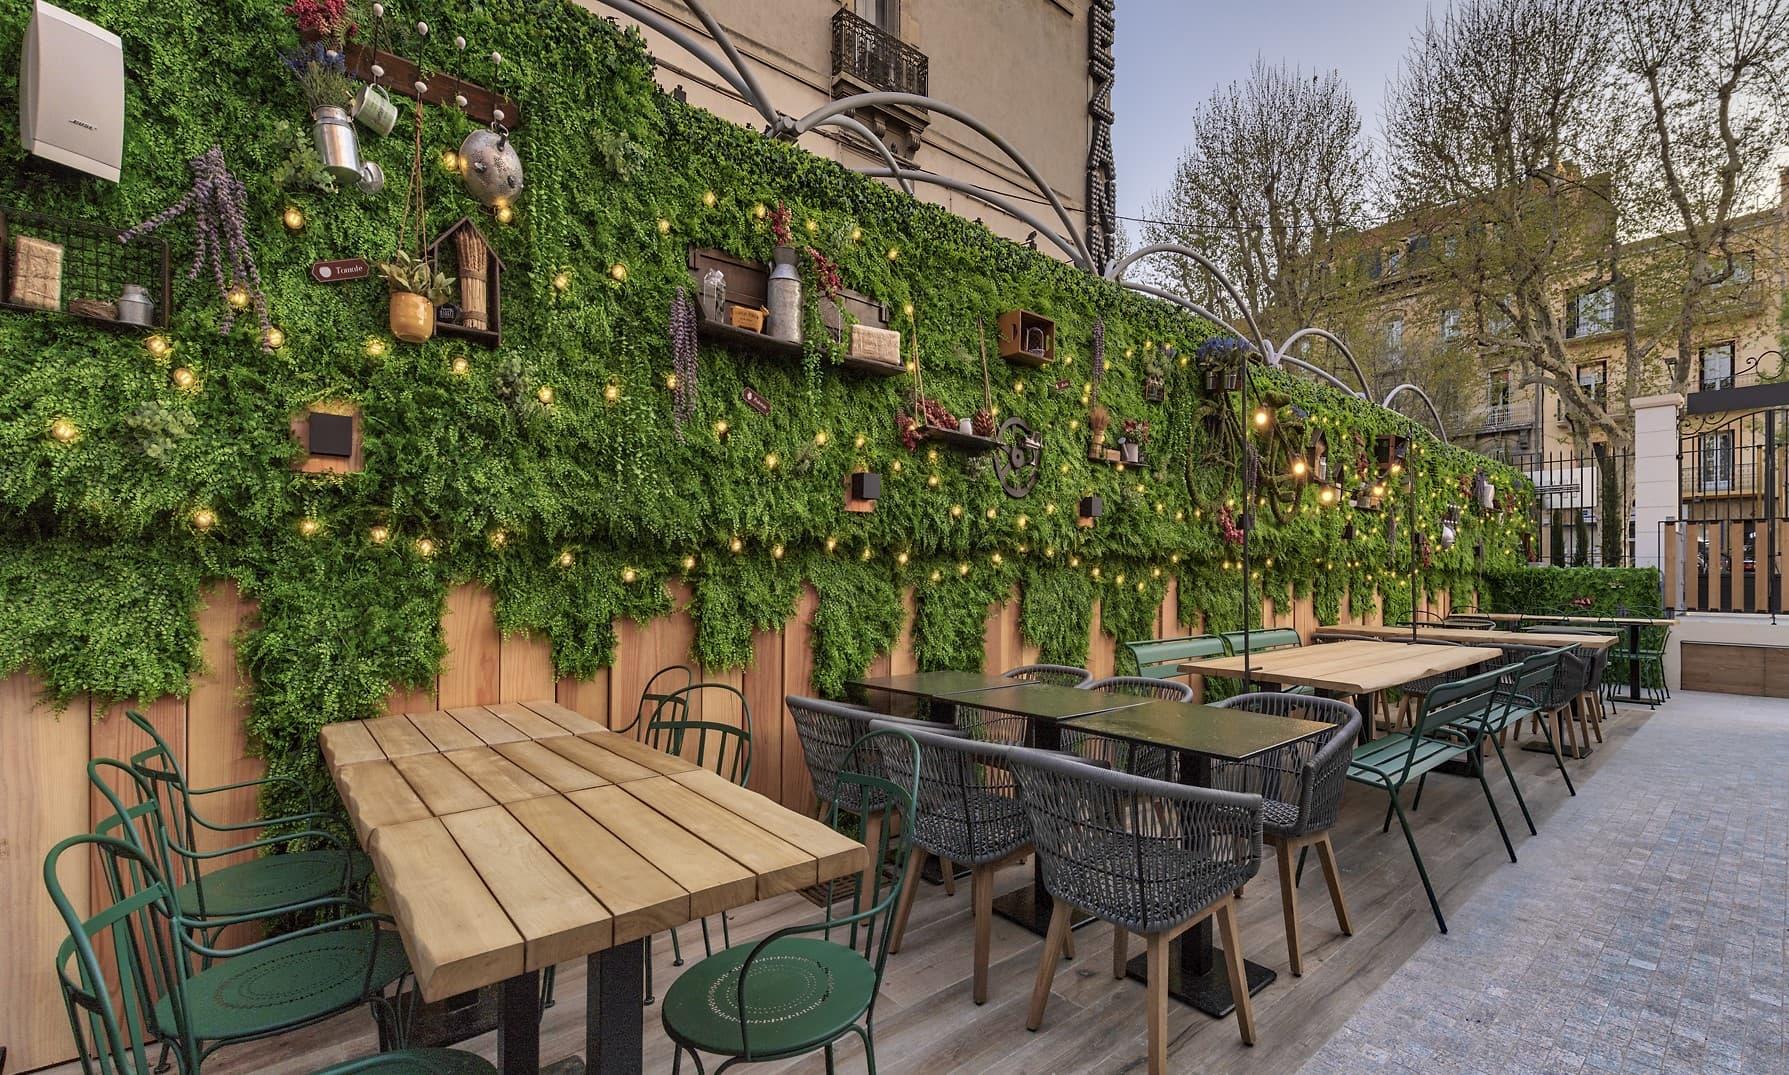 Eclairage du mur végétal sur la terrasse du restaurant La Petite Ferme